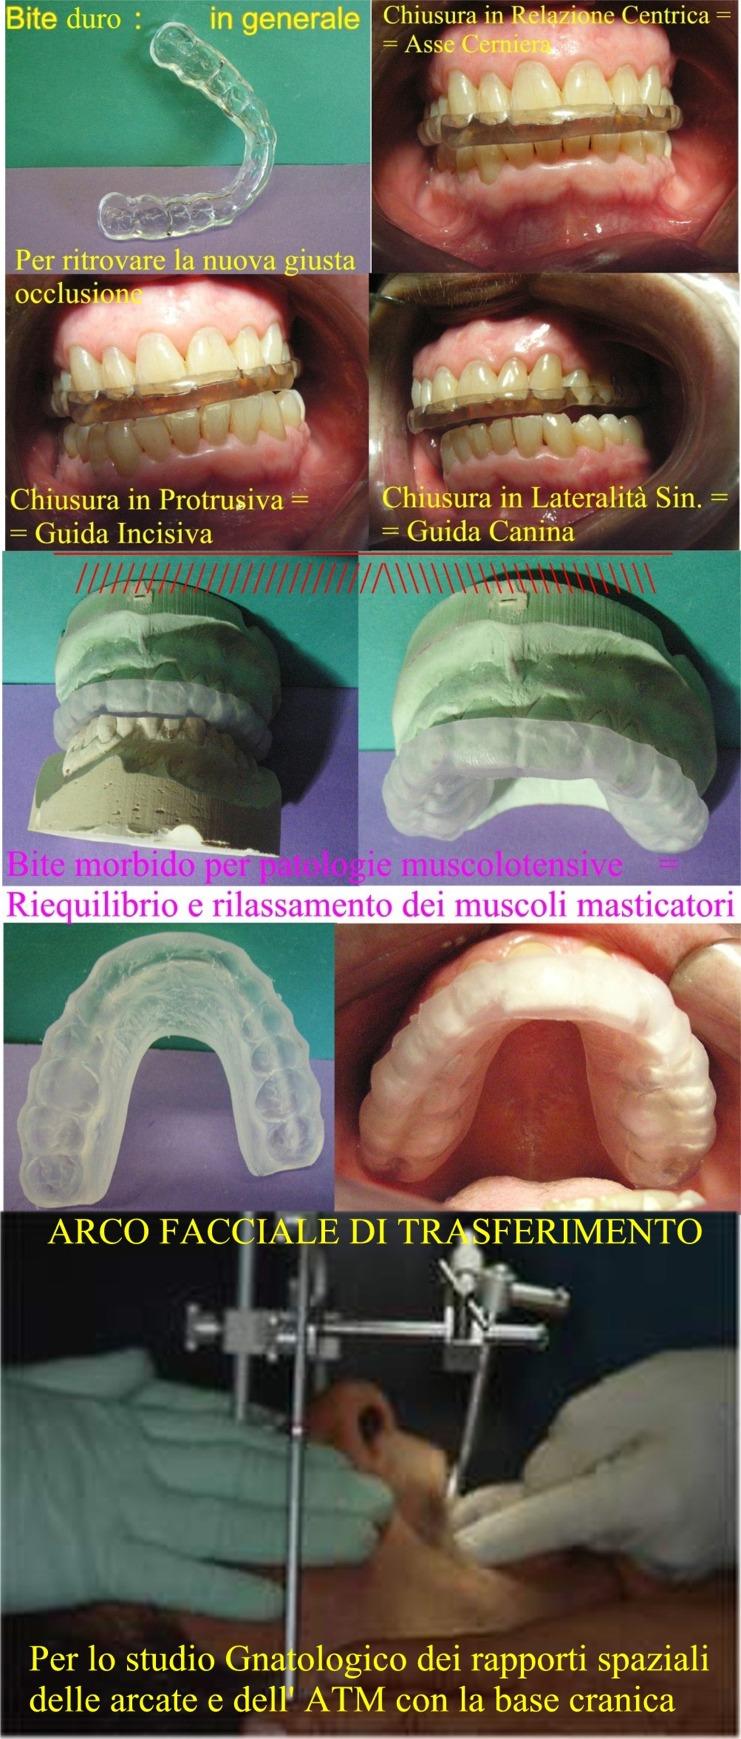 Diversi tipi di Bite e Arco facciale di trasferimento per  seria visita Gnatologica.Dacasistica del Dr. Gustavo Petti di Cagliari